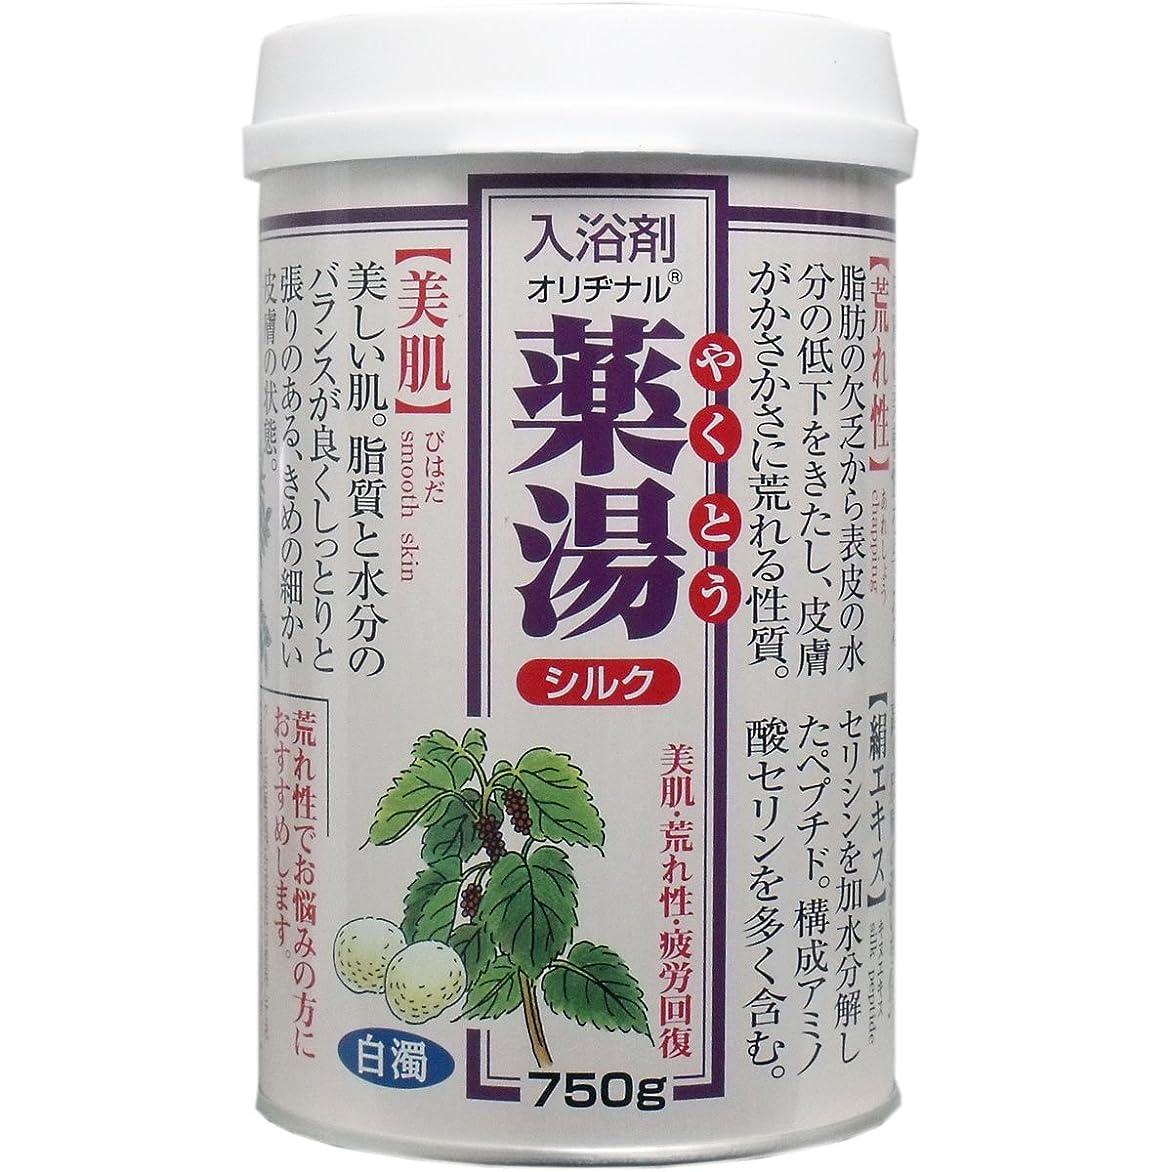 後職人魔法【まとめ買い】NEWオリヂナル薬湯 シルク 750g ×2セット